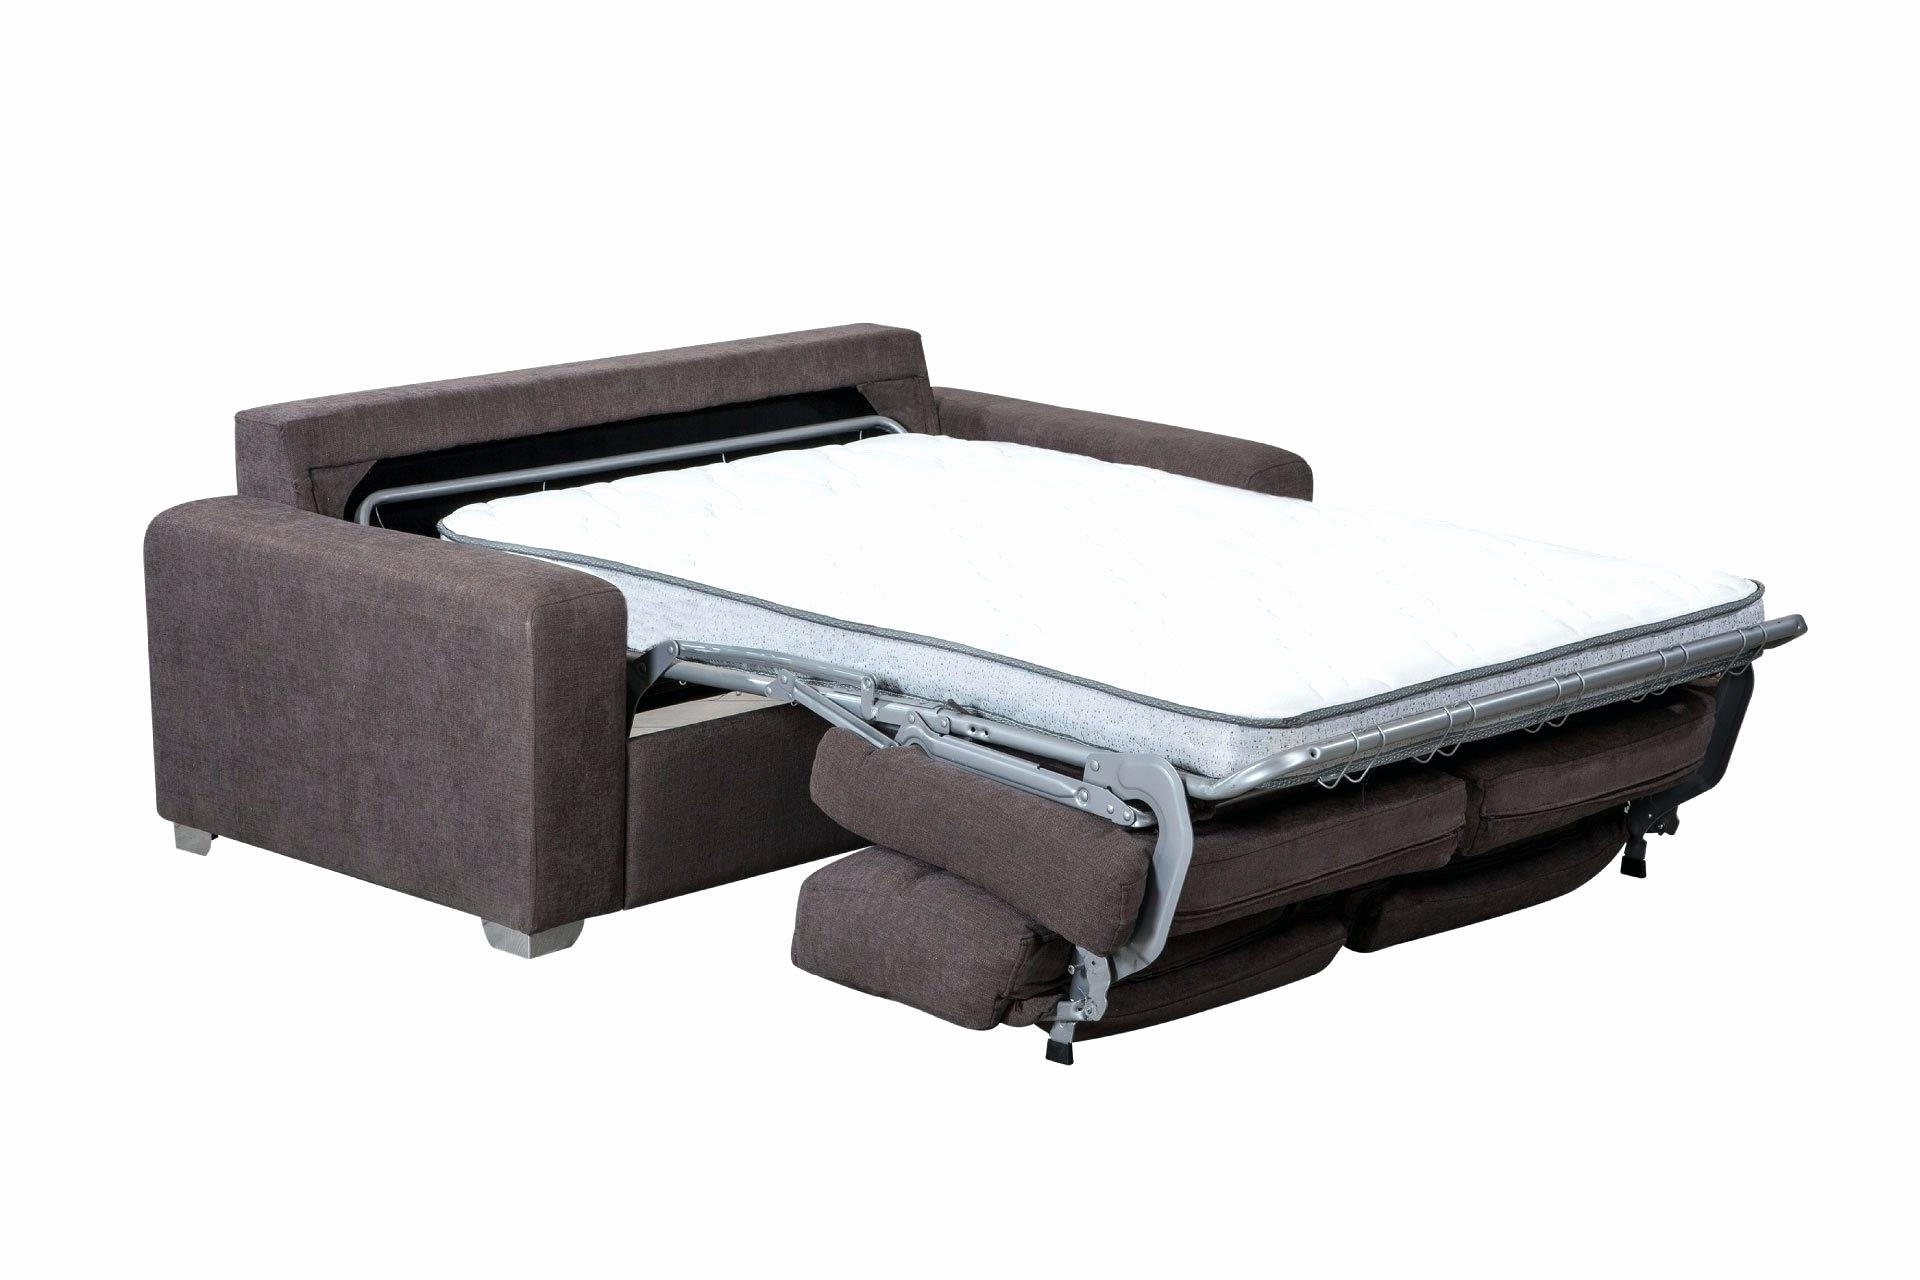 Mejor sofa Cama Bqdd El Mejor sofa Cama Del Mercado Proyecto Por Hermosear Vuestra Hogar